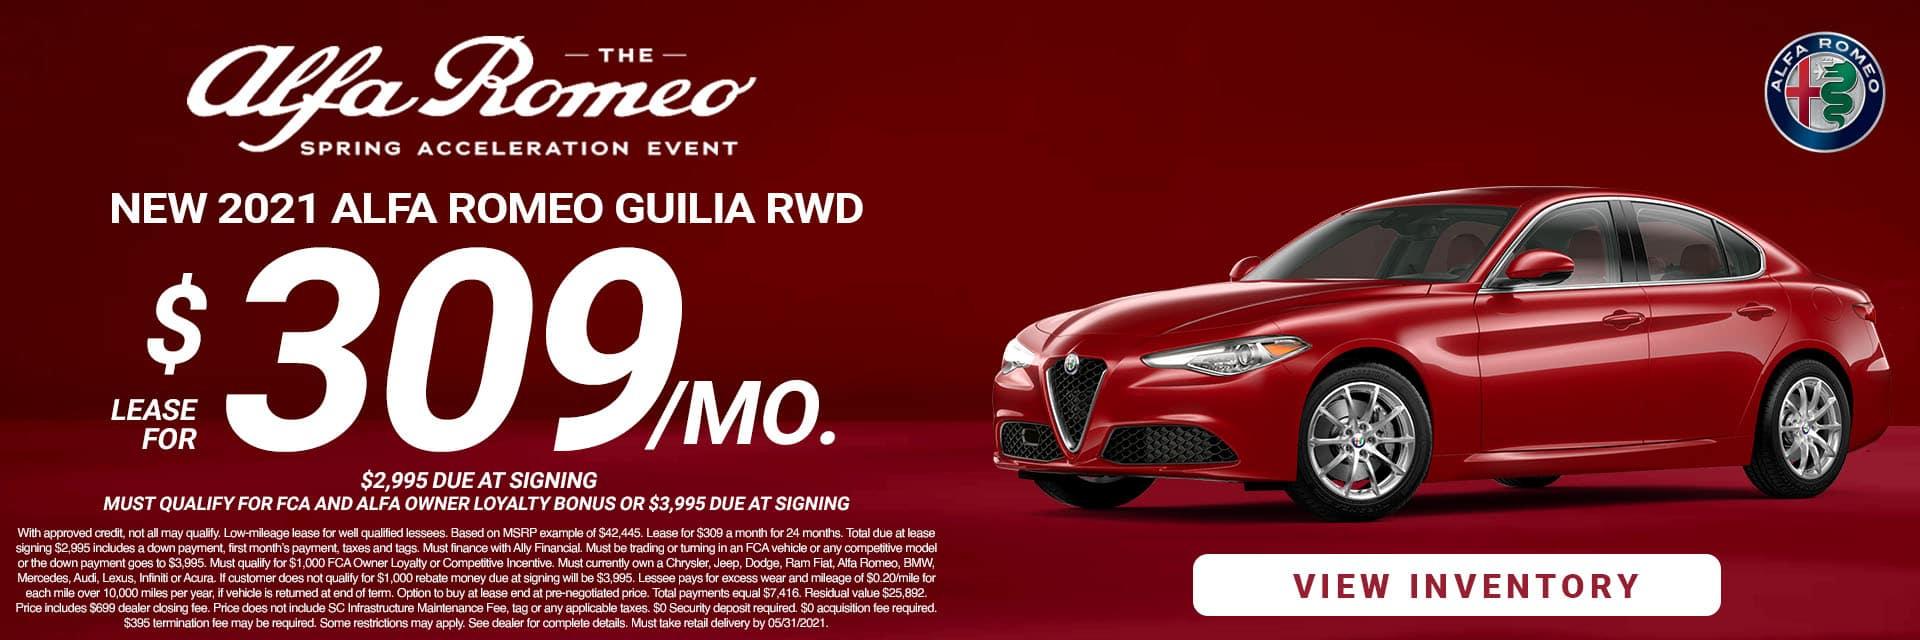 SLAR-May 20212021 Alfa Romeo Giulia